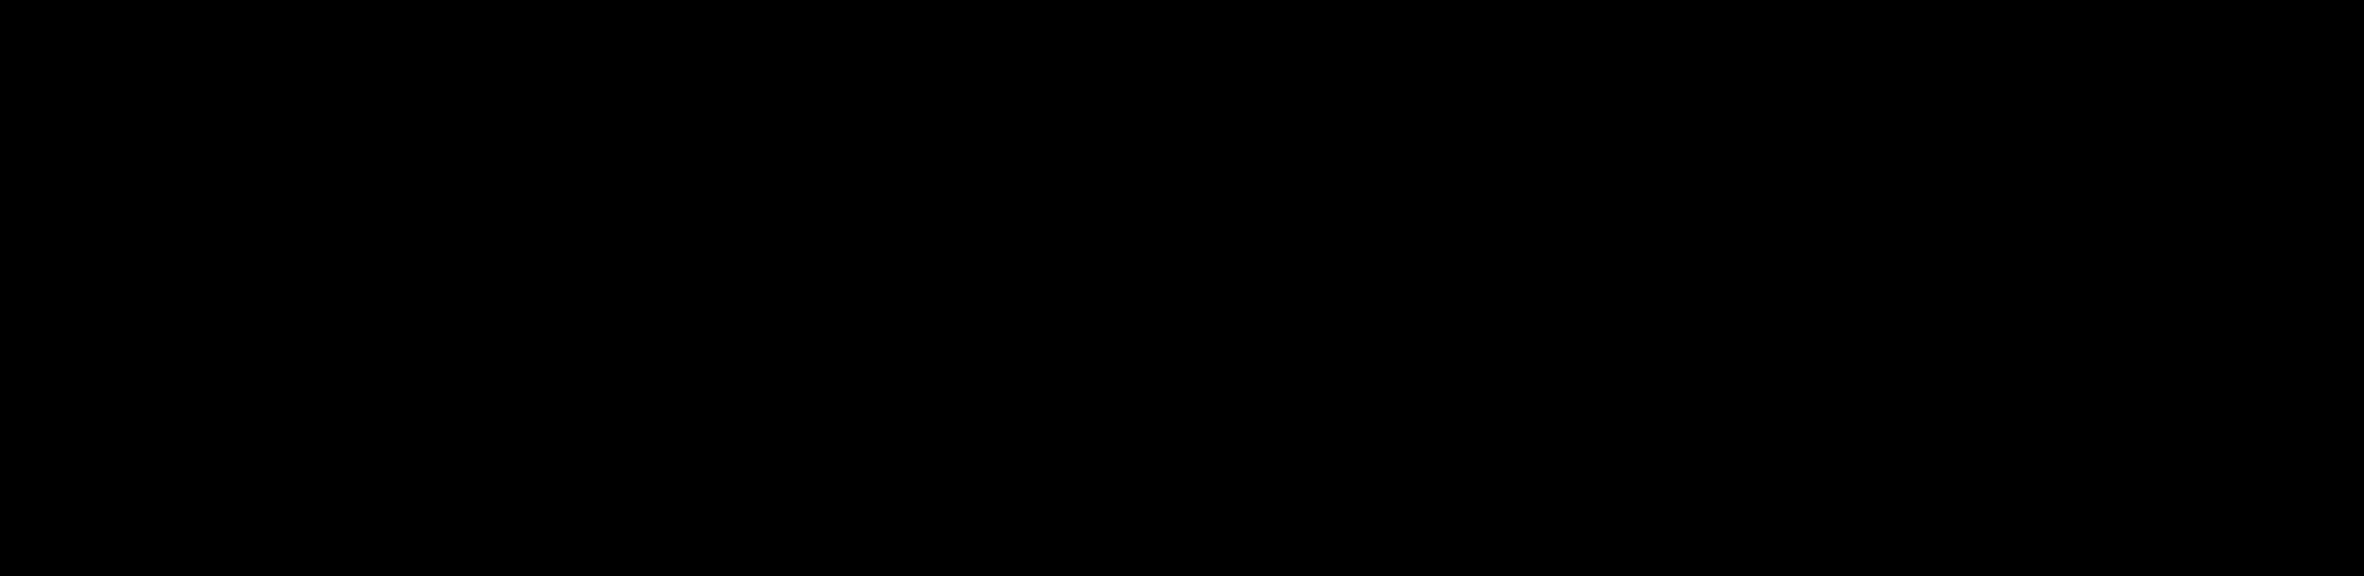 drops logo black.png